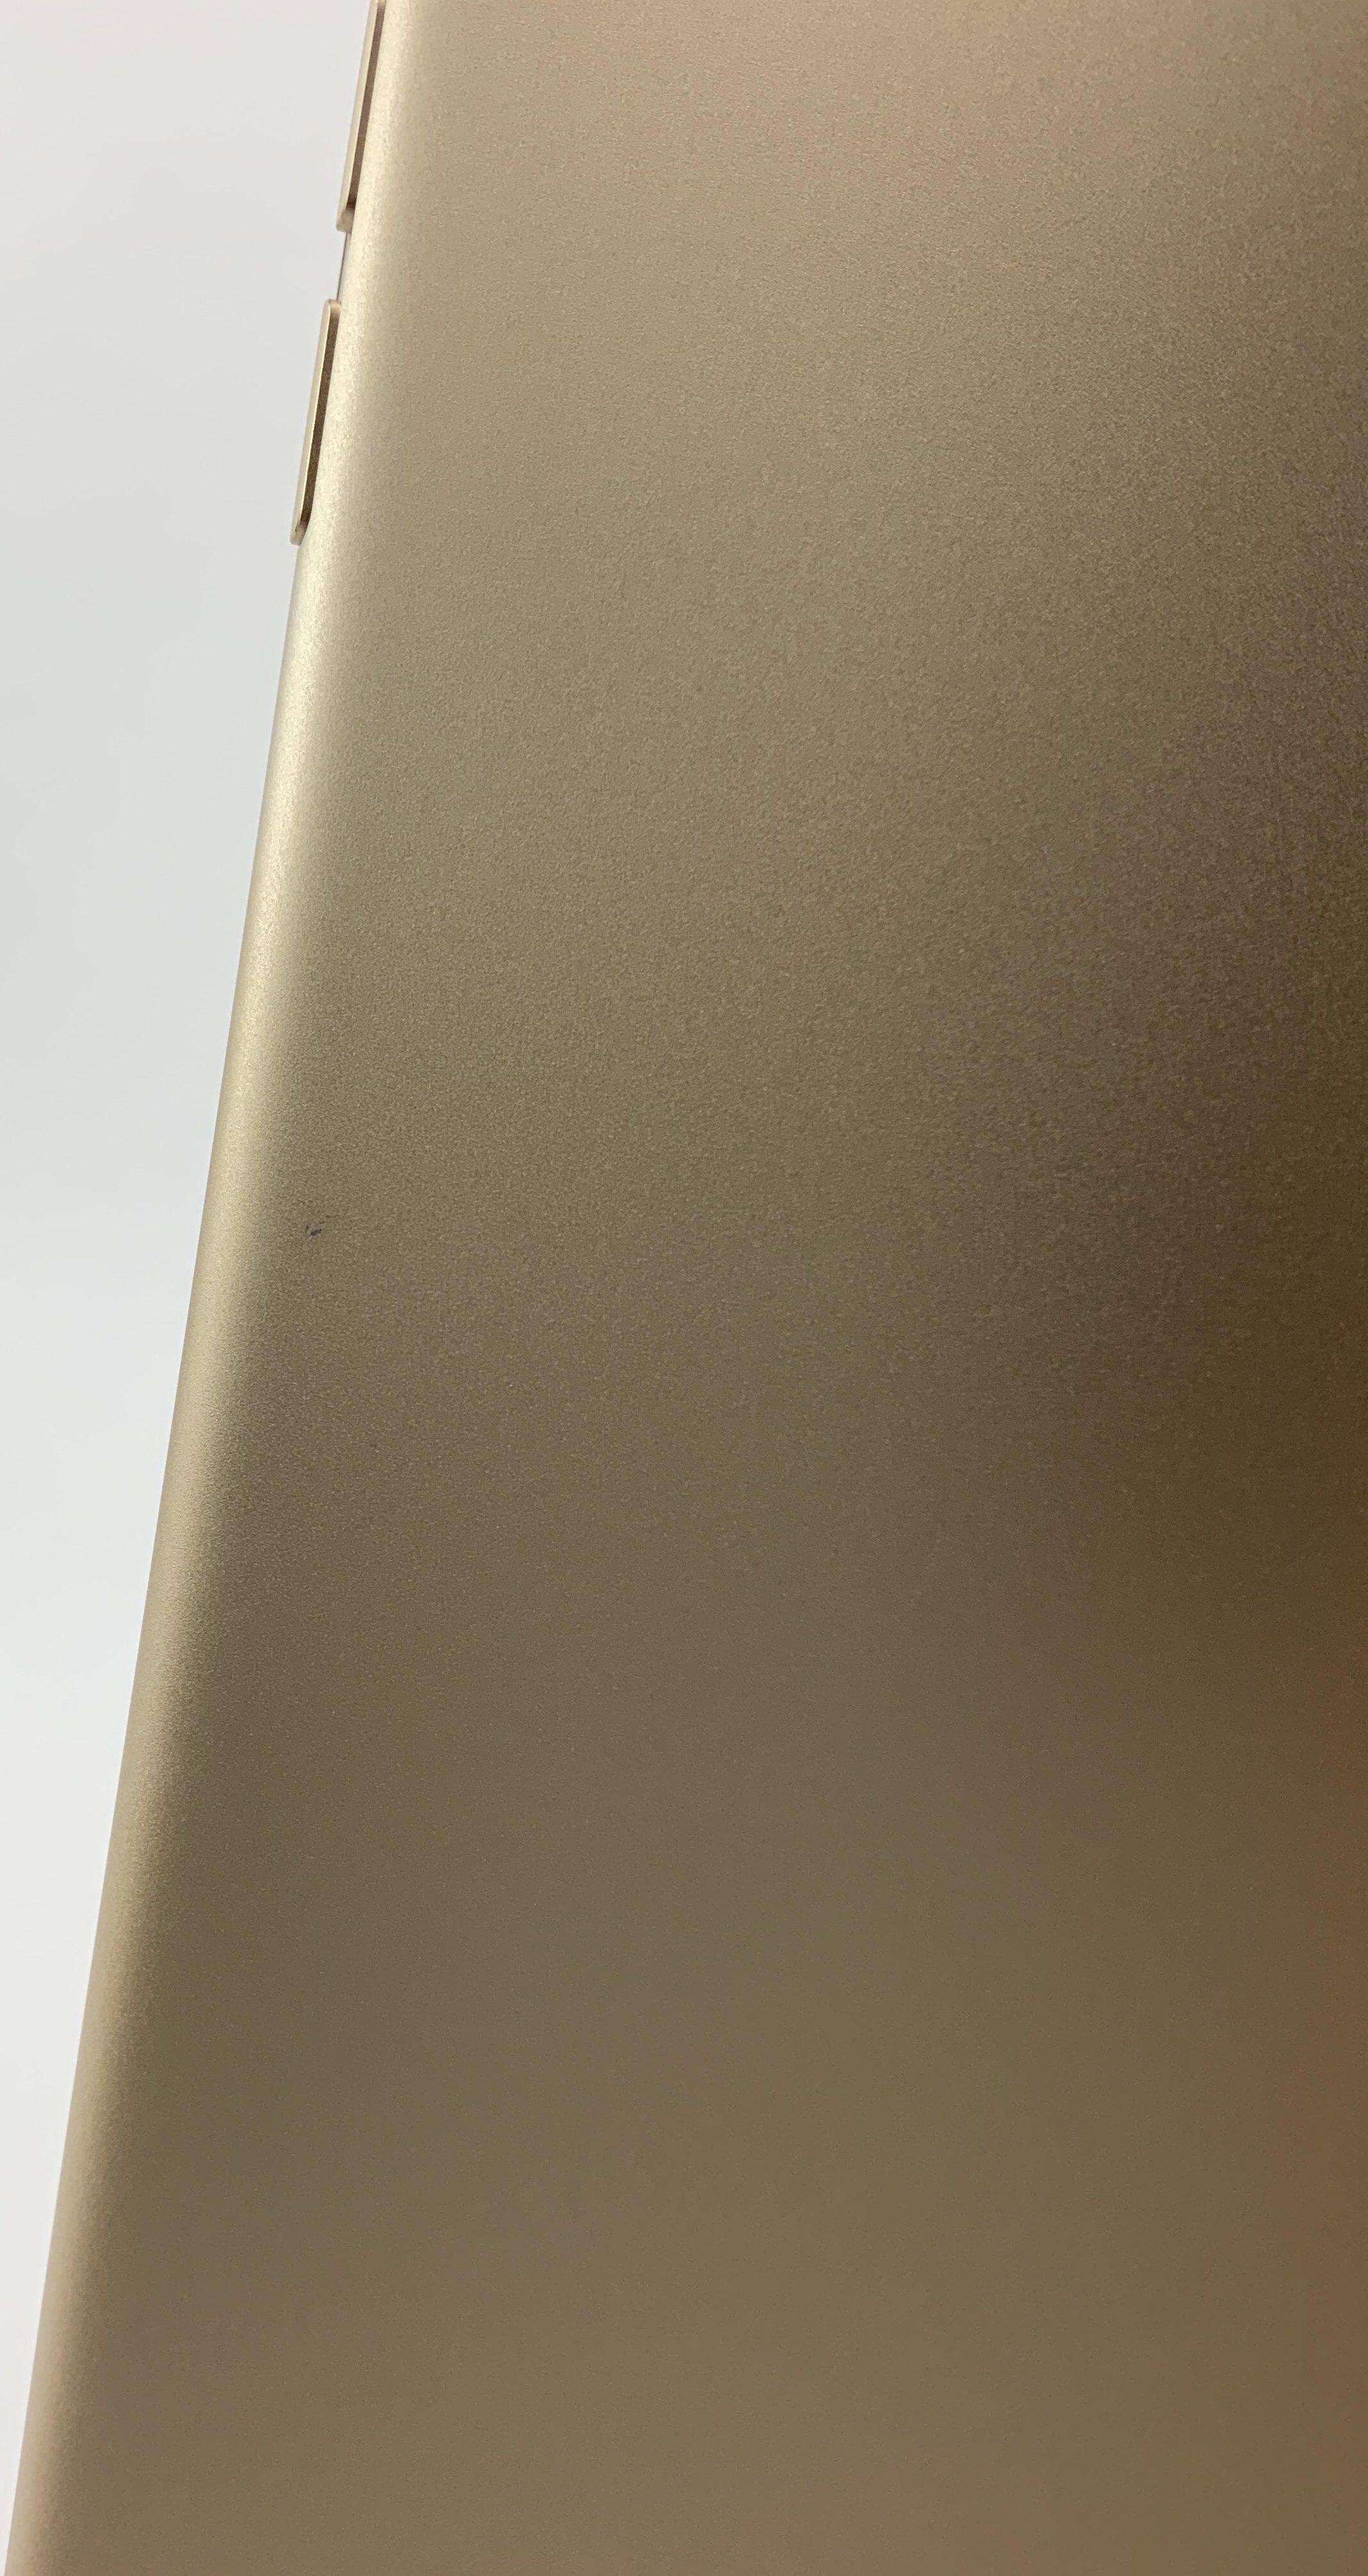 iPad Air 2 Wi-Fi 64GB, 64GB, Gold, Bild 3